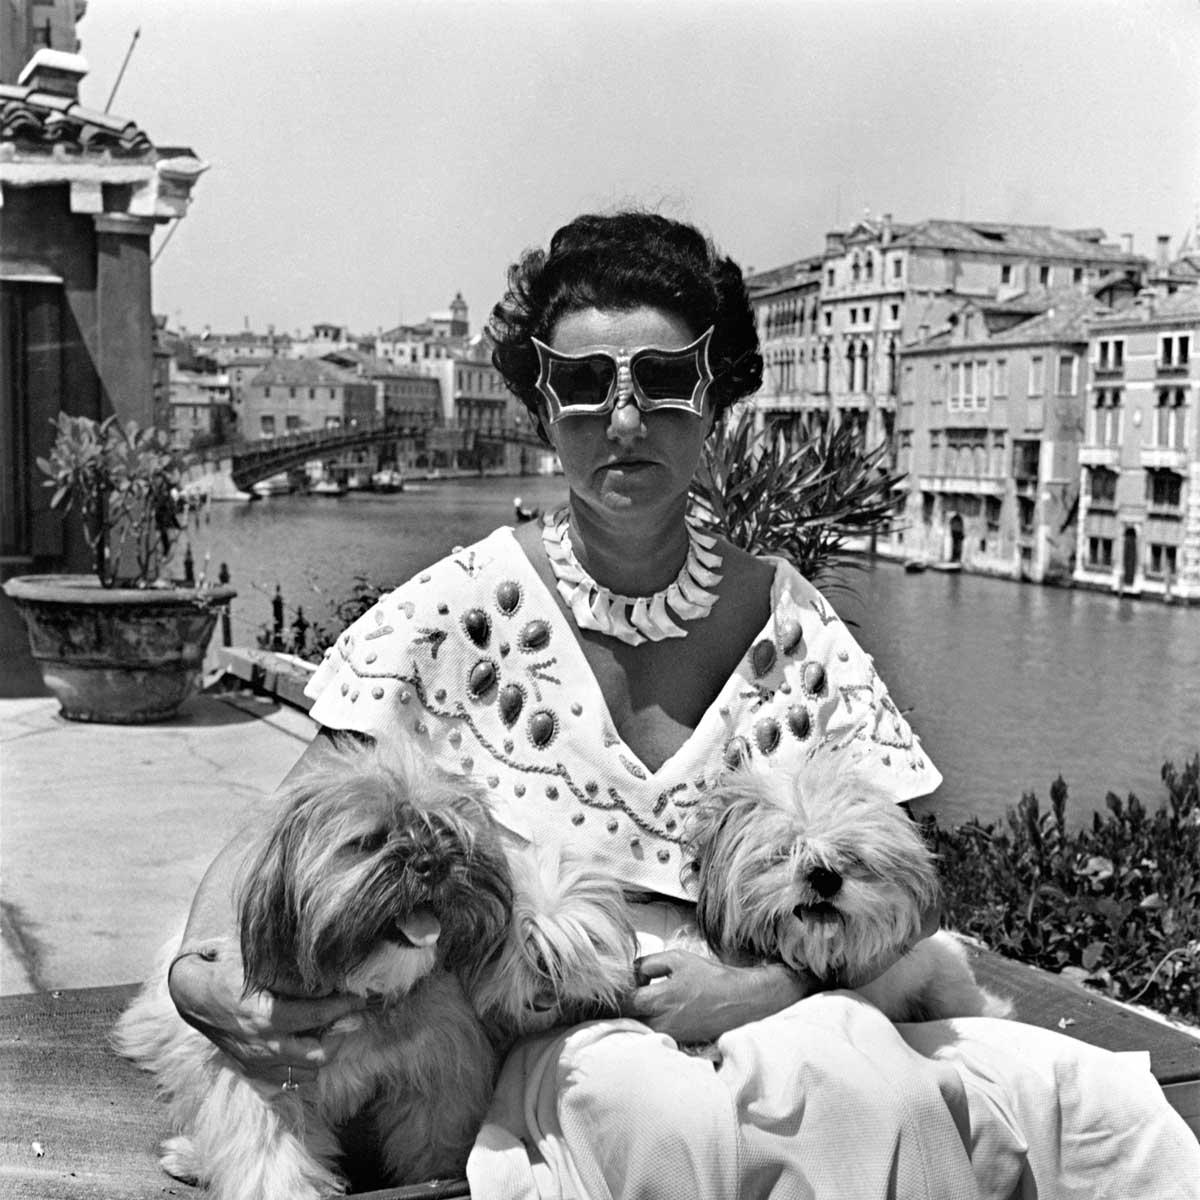 La emblemática imagen de Peggy y sus perros, en el techo de su residencia en Venecia, captada por el fotógrafo David Seymour, en 1950.